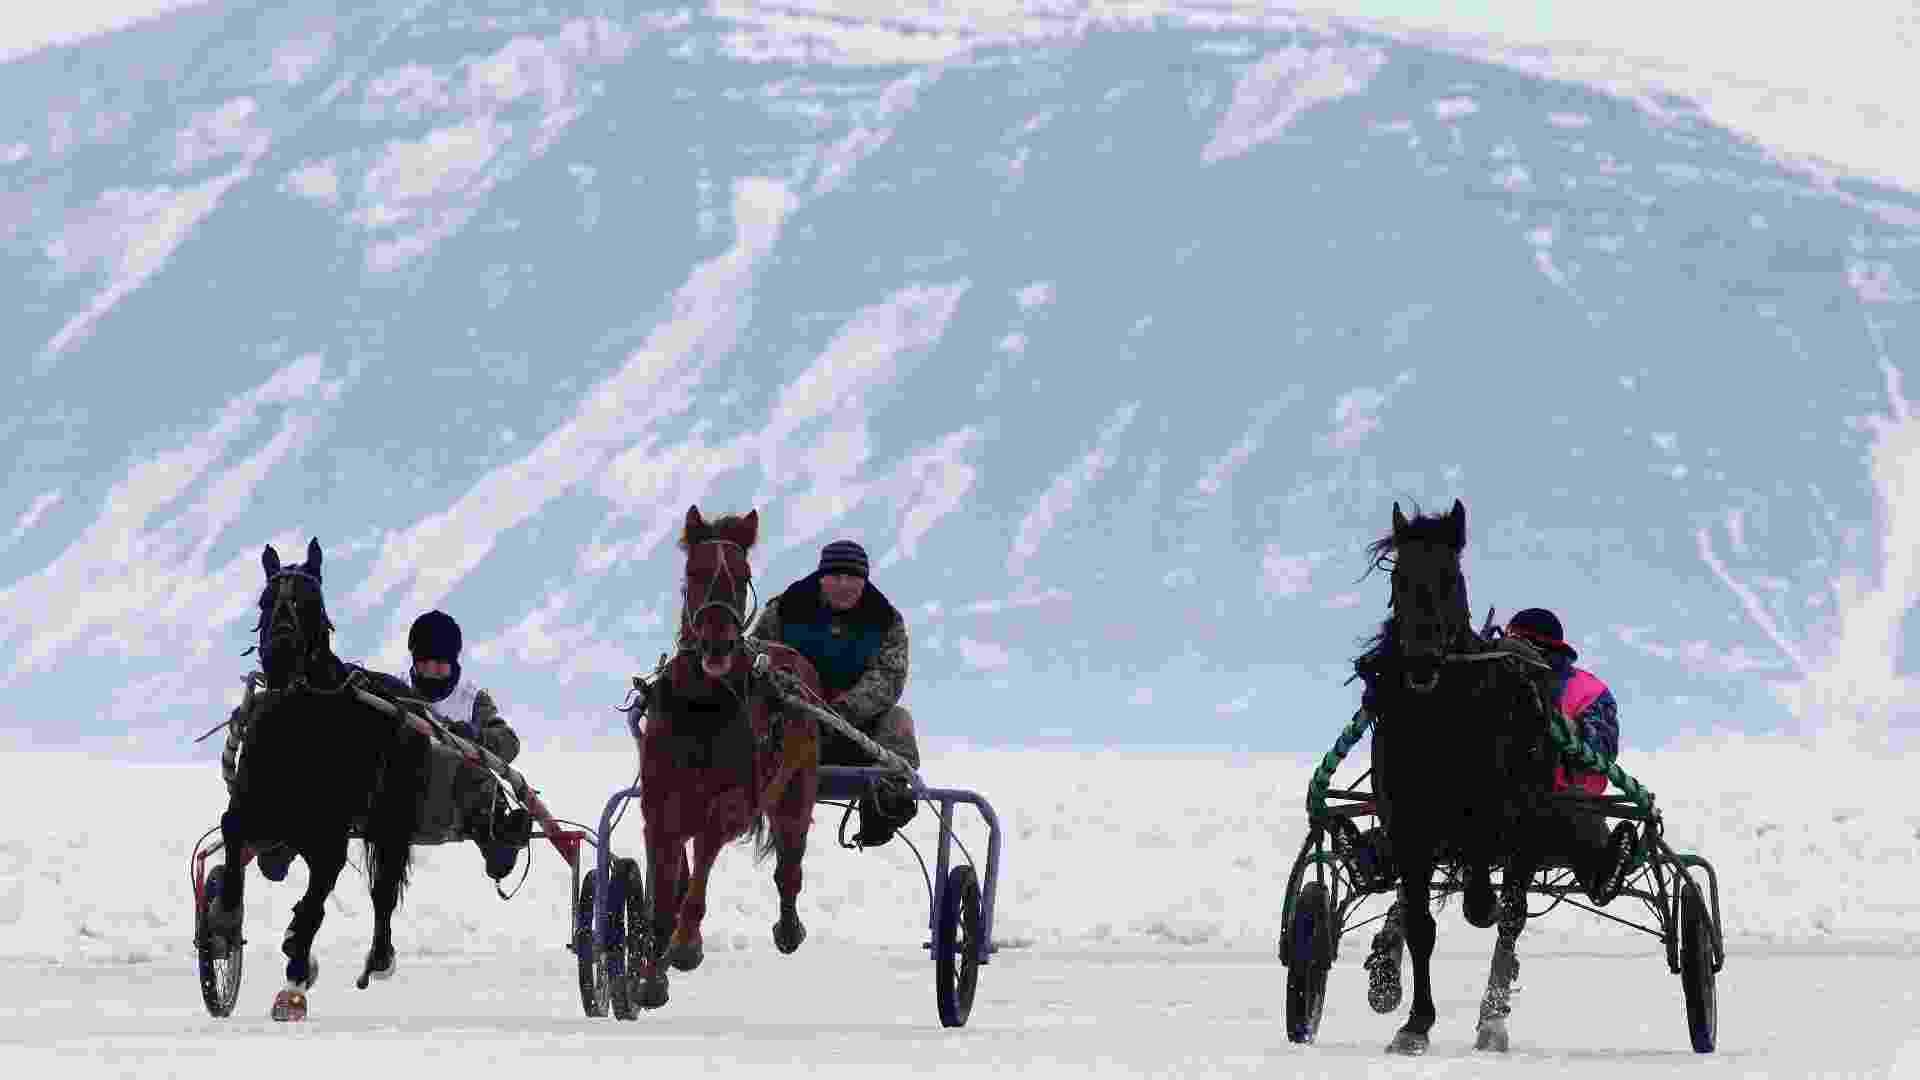 Cavaleiros amadores russos disputam uma corrida de cavalos no lago congelado Yenisei, no vilarejo de Novosyolovo, na Síberia, na Rússia - Ilya Naymushin/Reuters